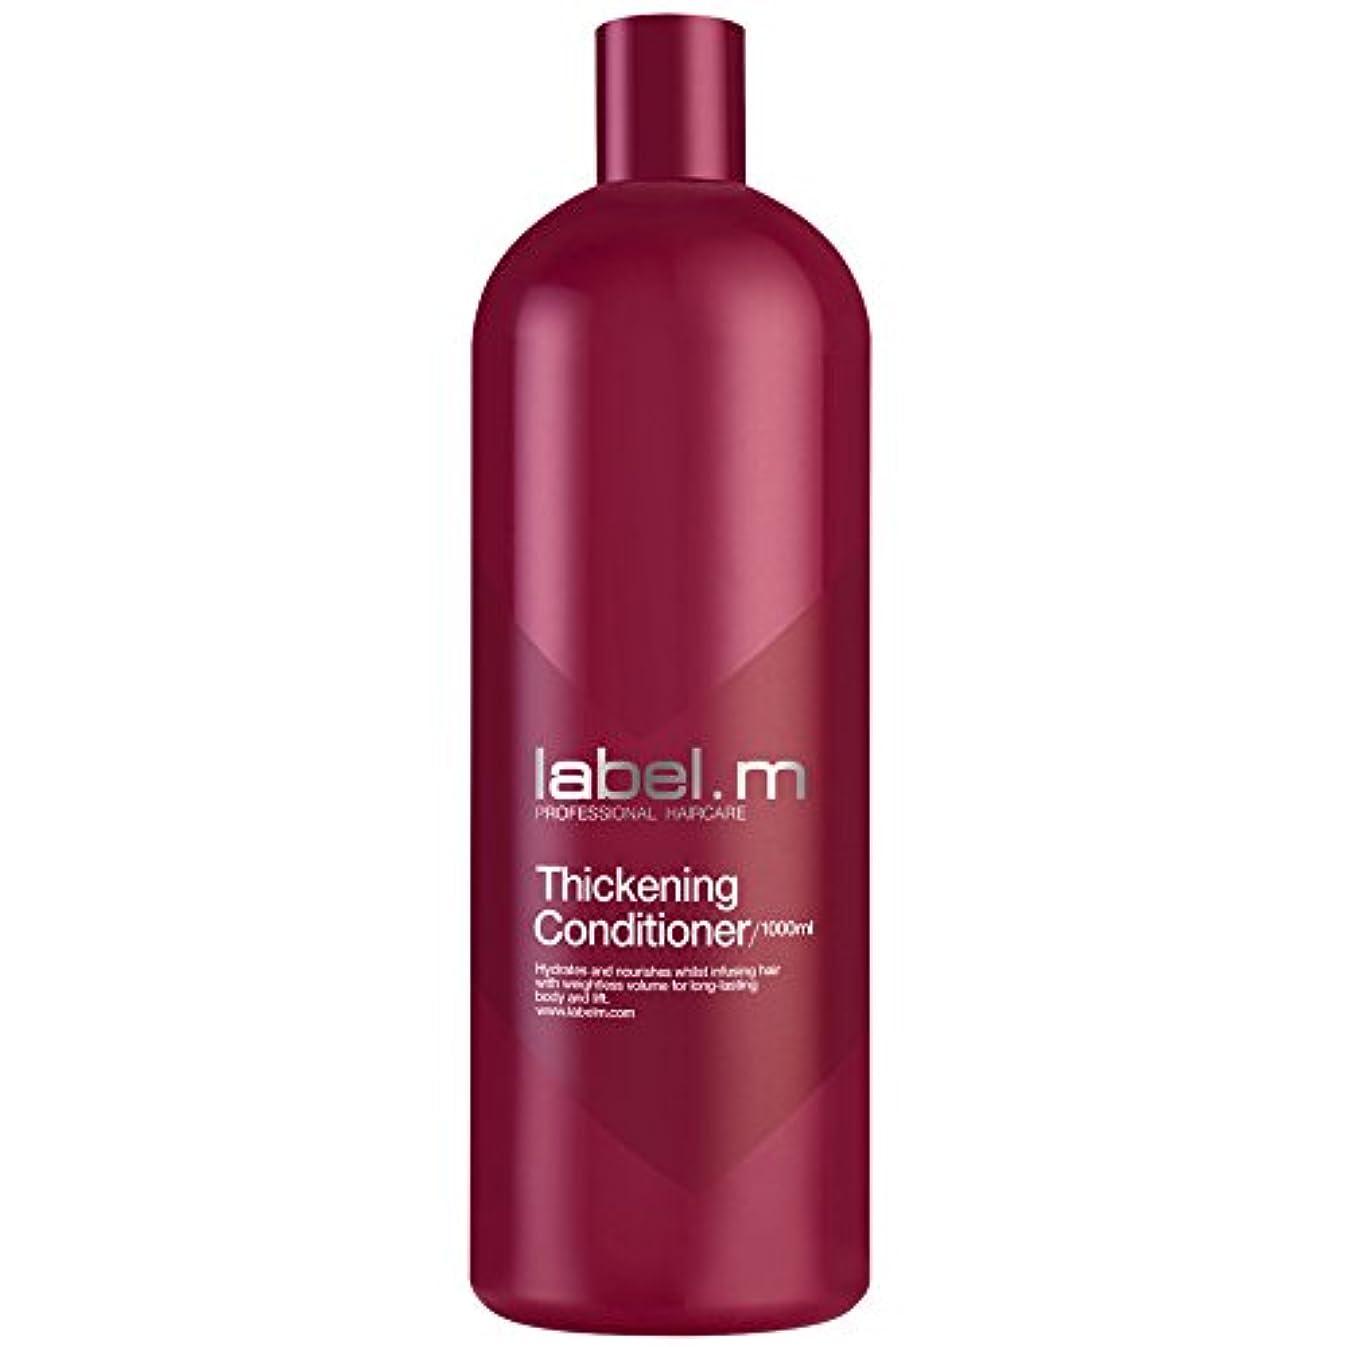 コート測定嫌いレーベルエム シックニング コンディショナー (髪に潤いと栄養を与えて、軽やかでコシとボリュームのある髪を長時間キープします。) 1000ml